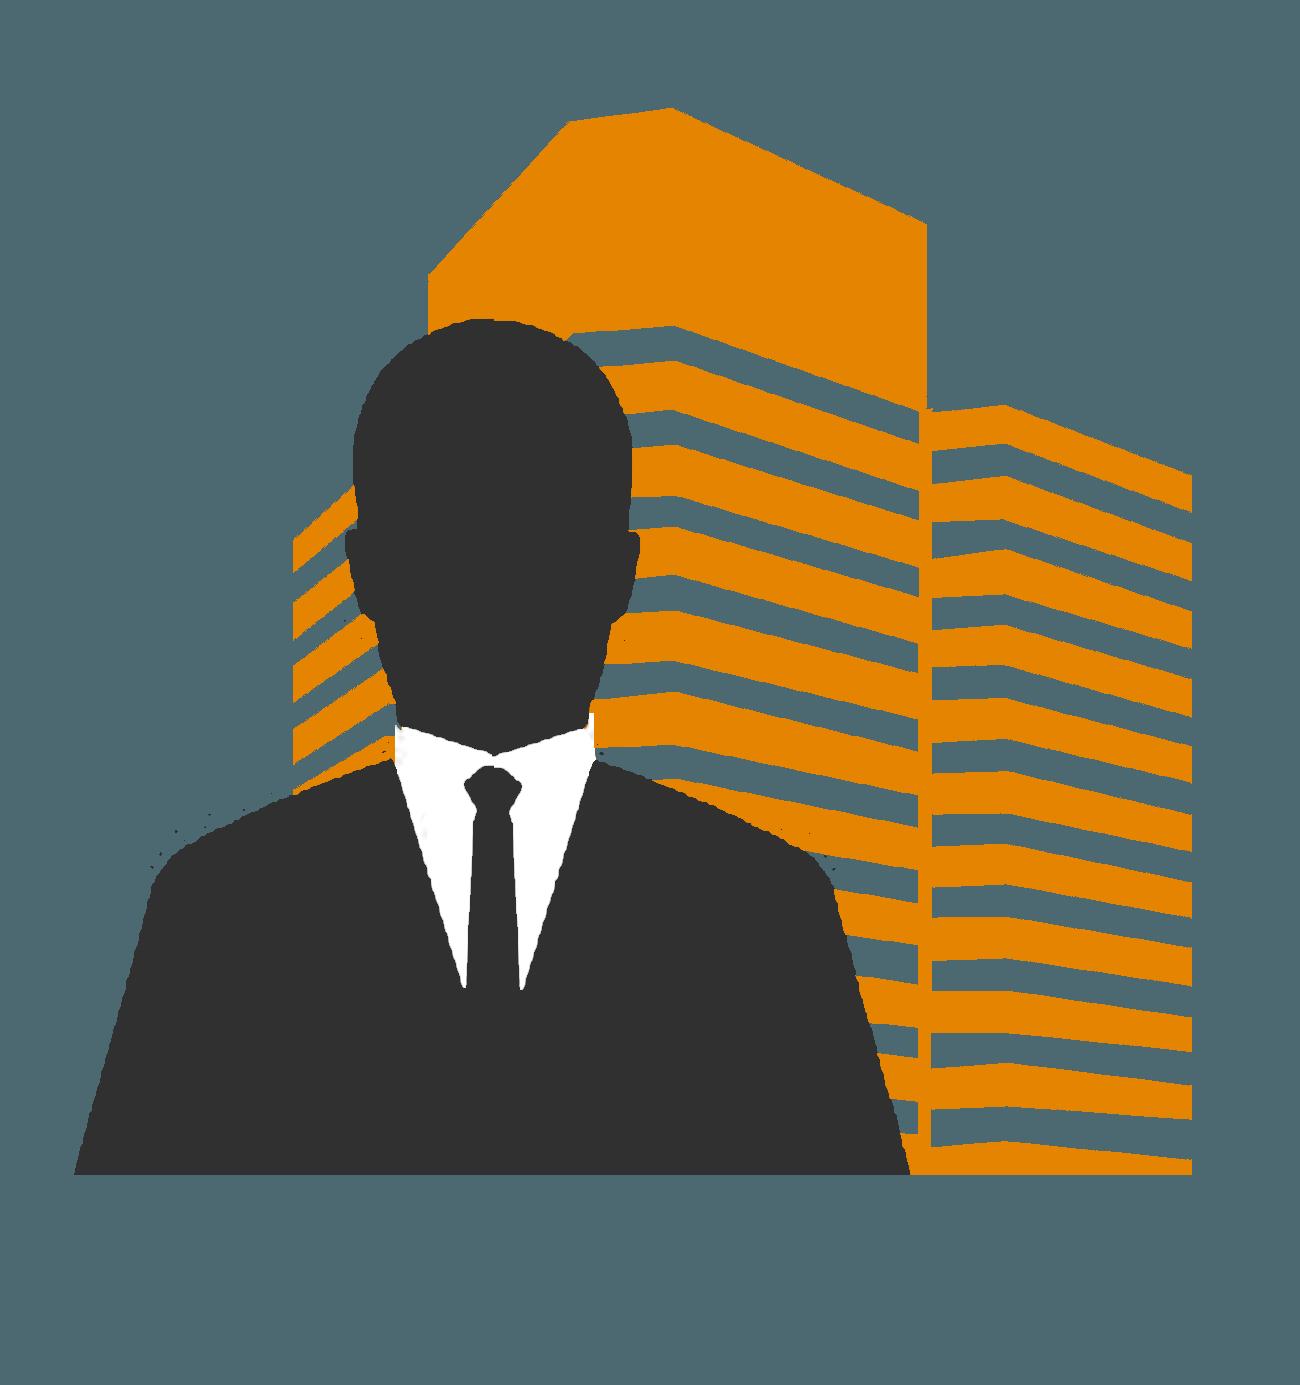 executivo icon